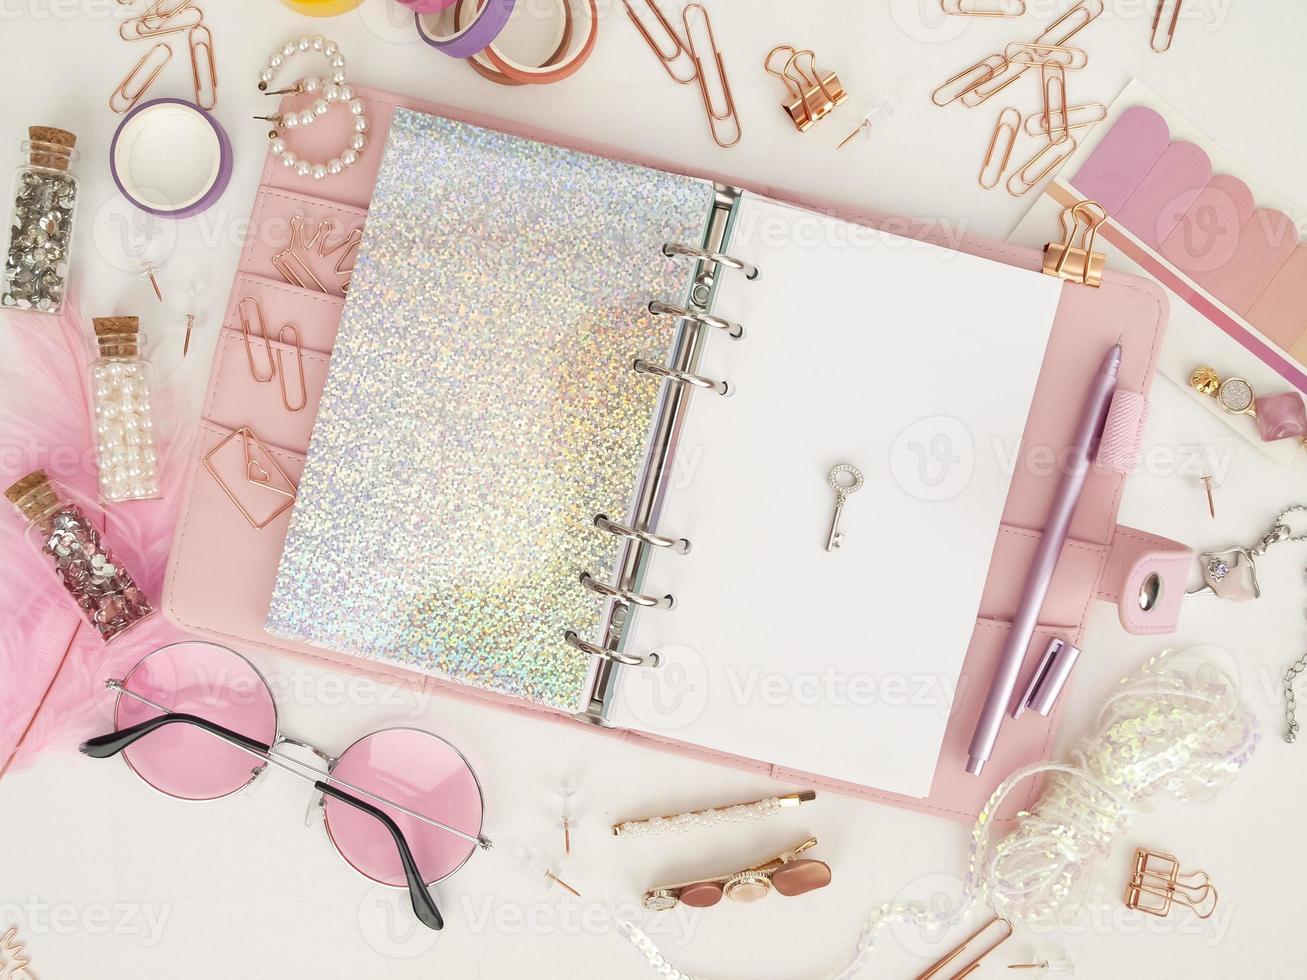 silvernyckel på planerarens vita sida. dagbok öppen med vit och holografisk sida. ovanifrån av den rosa planeraren med brevpapper. rosa glamourplanerare dekorationsfoto foto